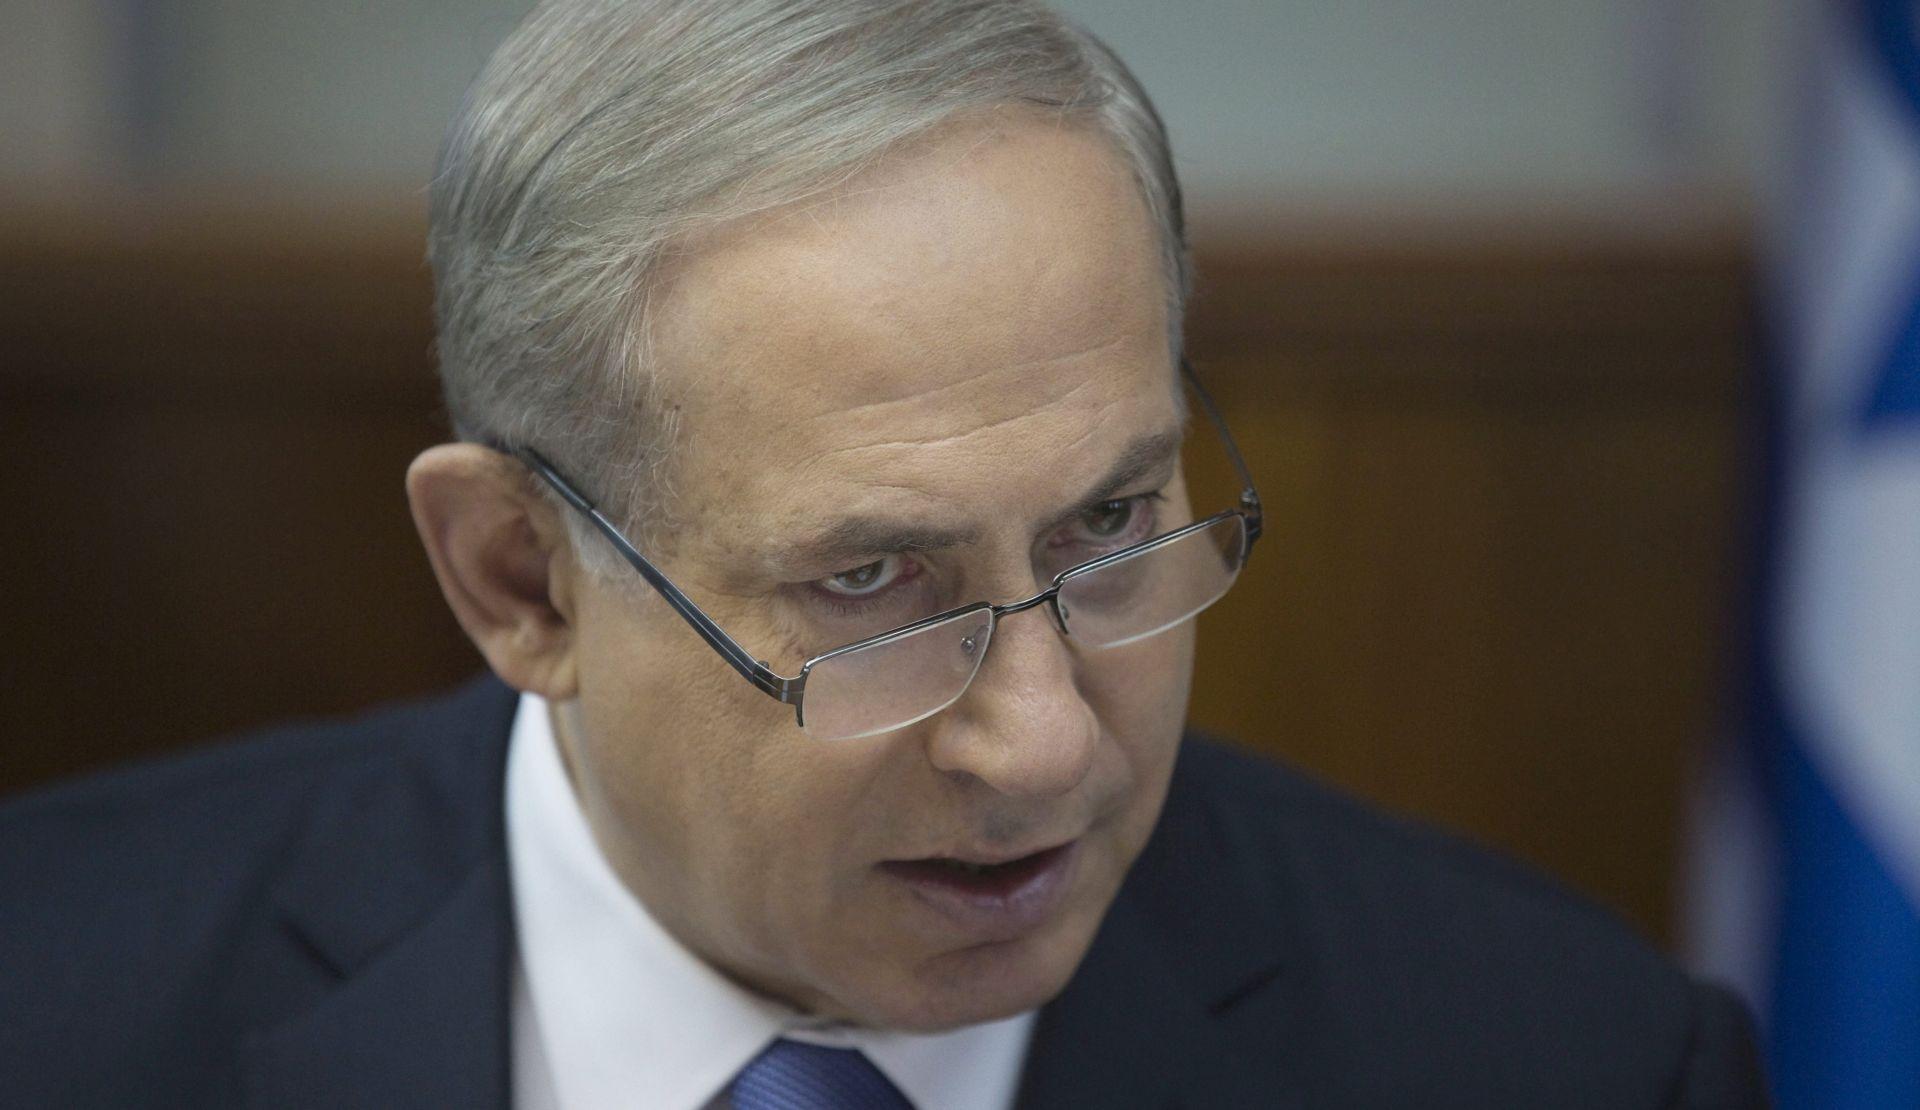 Izraelski državni odvjetnik naredio istragu protiv premijera Netanyahua